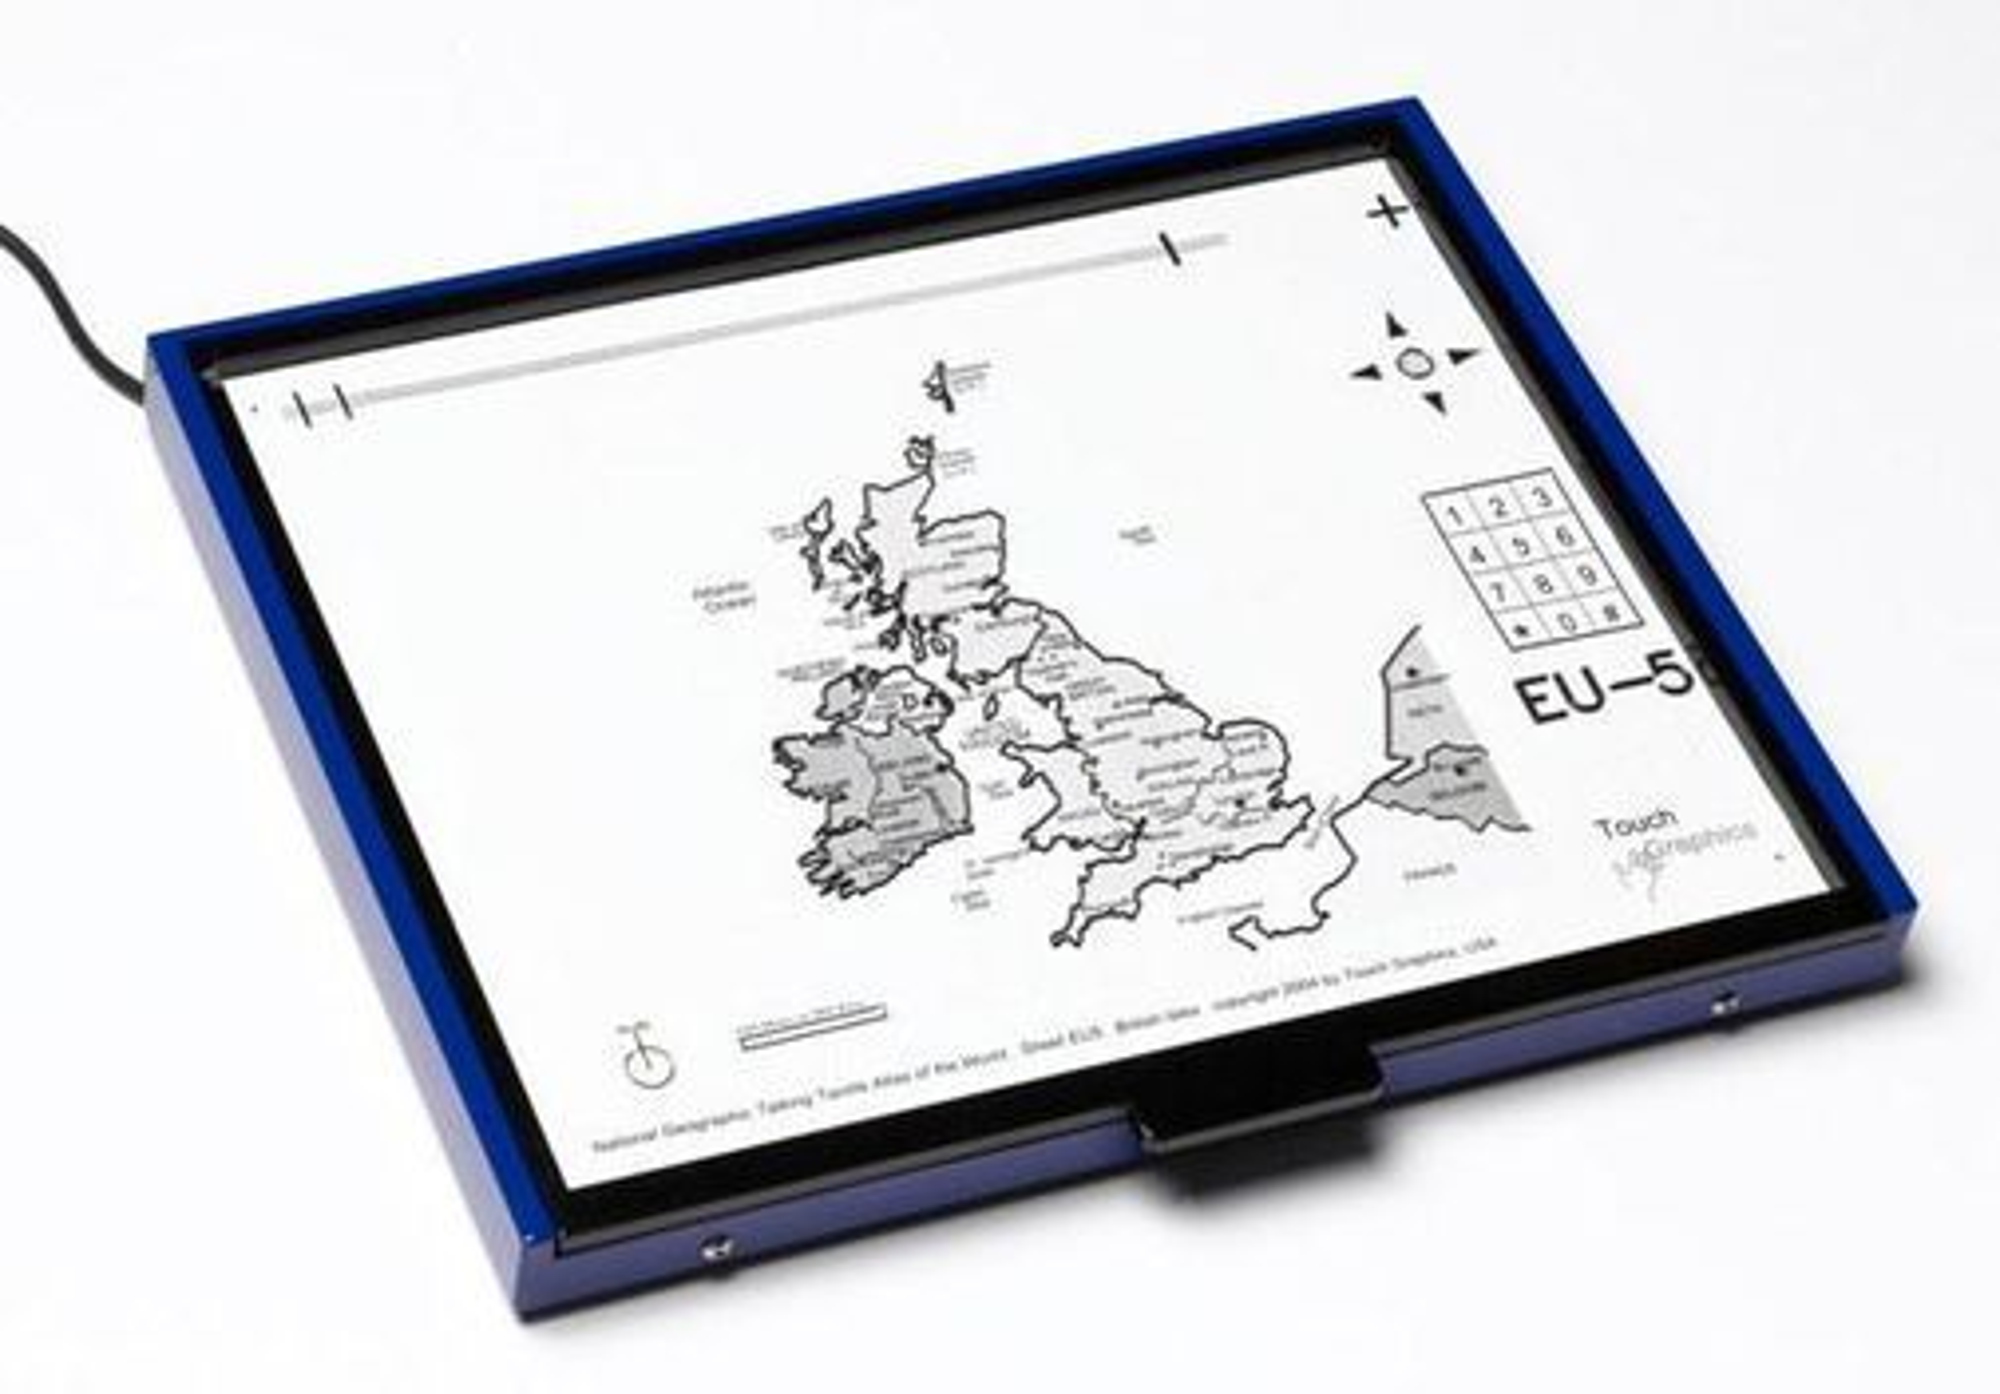 Talking Tactile Tablet gjør det mulig for synshemmede å oppleve kart.